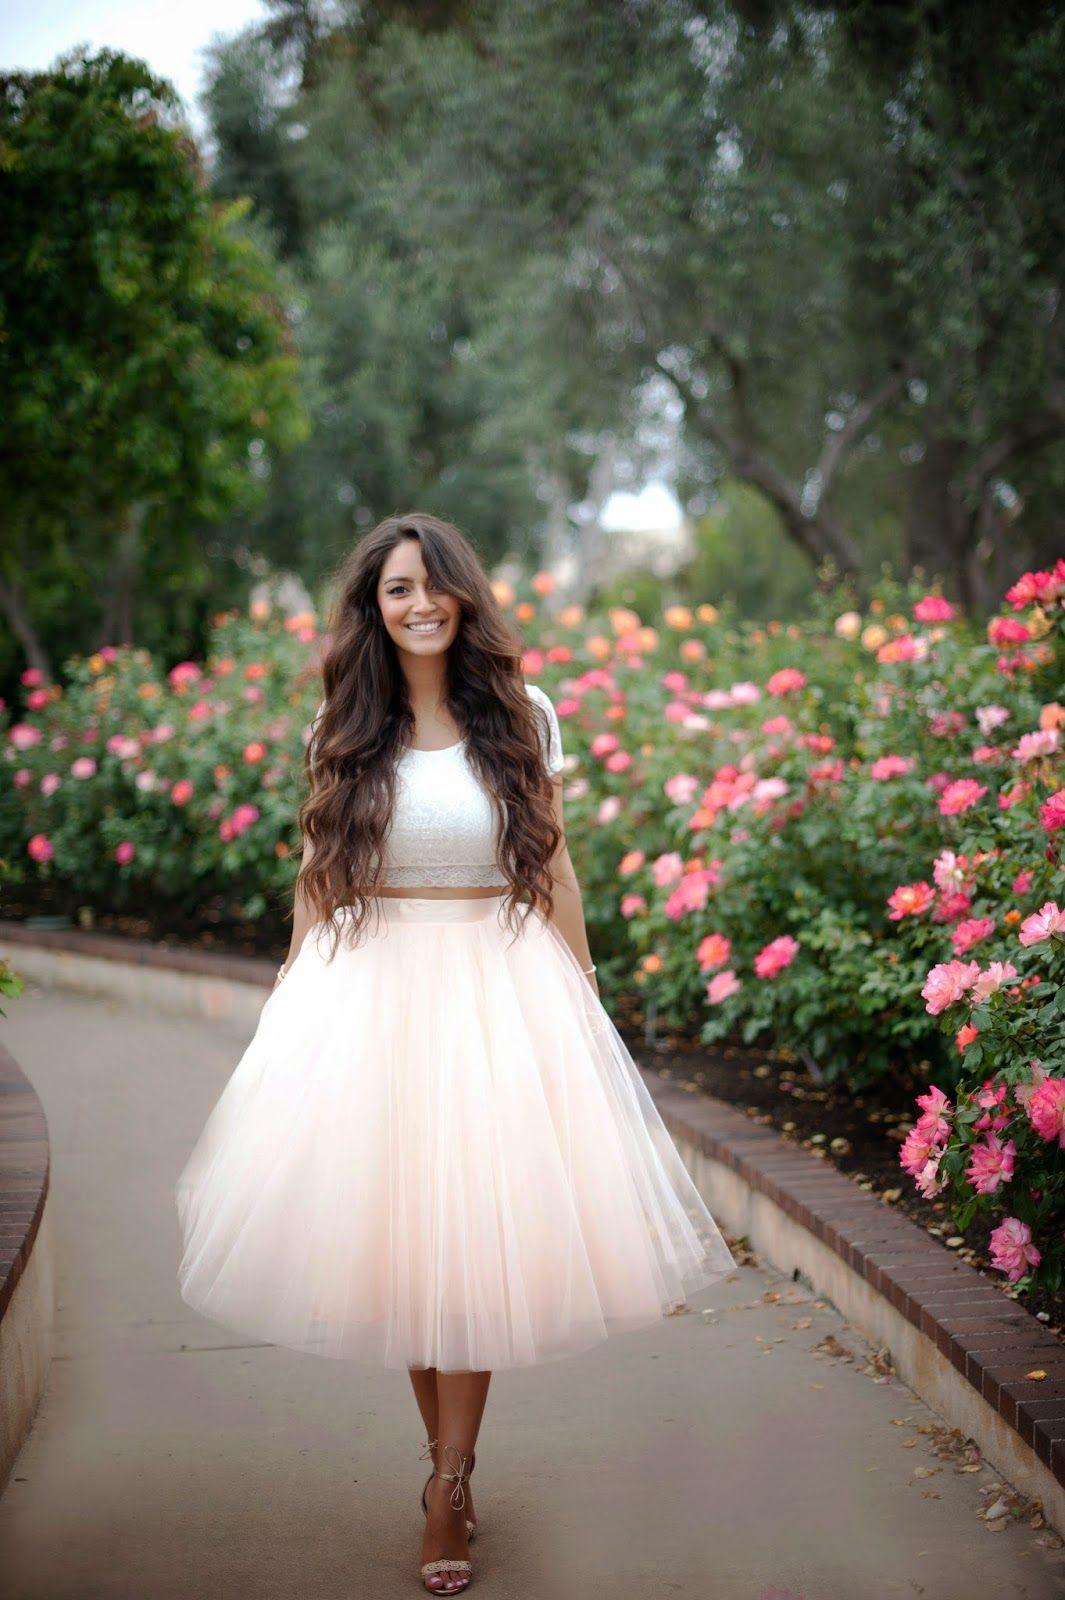 Vanessa balli year blogiversary tulle skirt pinterest